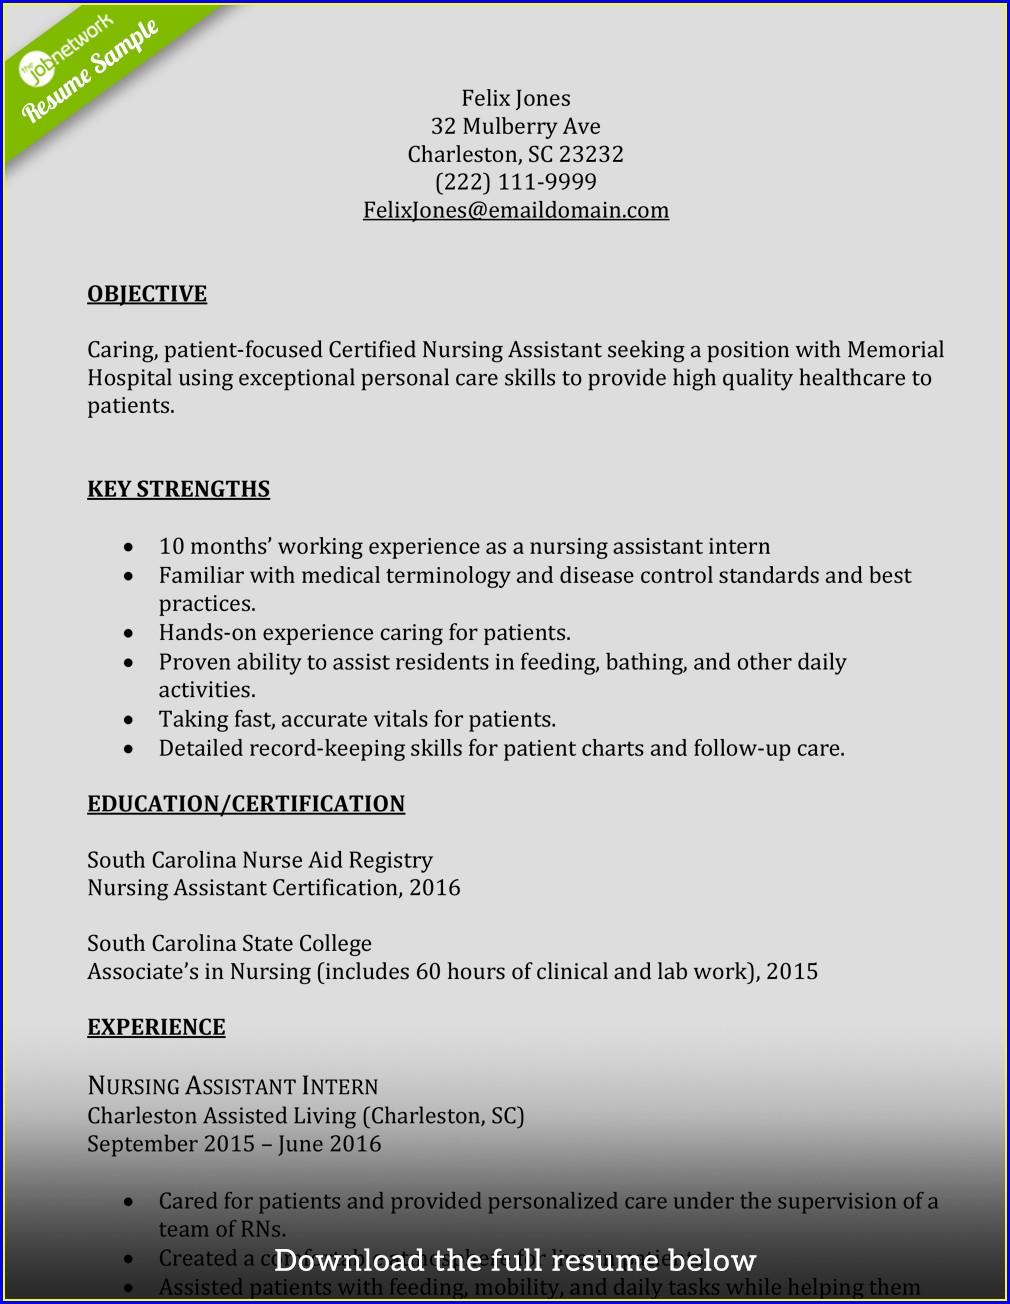 Resume Format For Cna Job